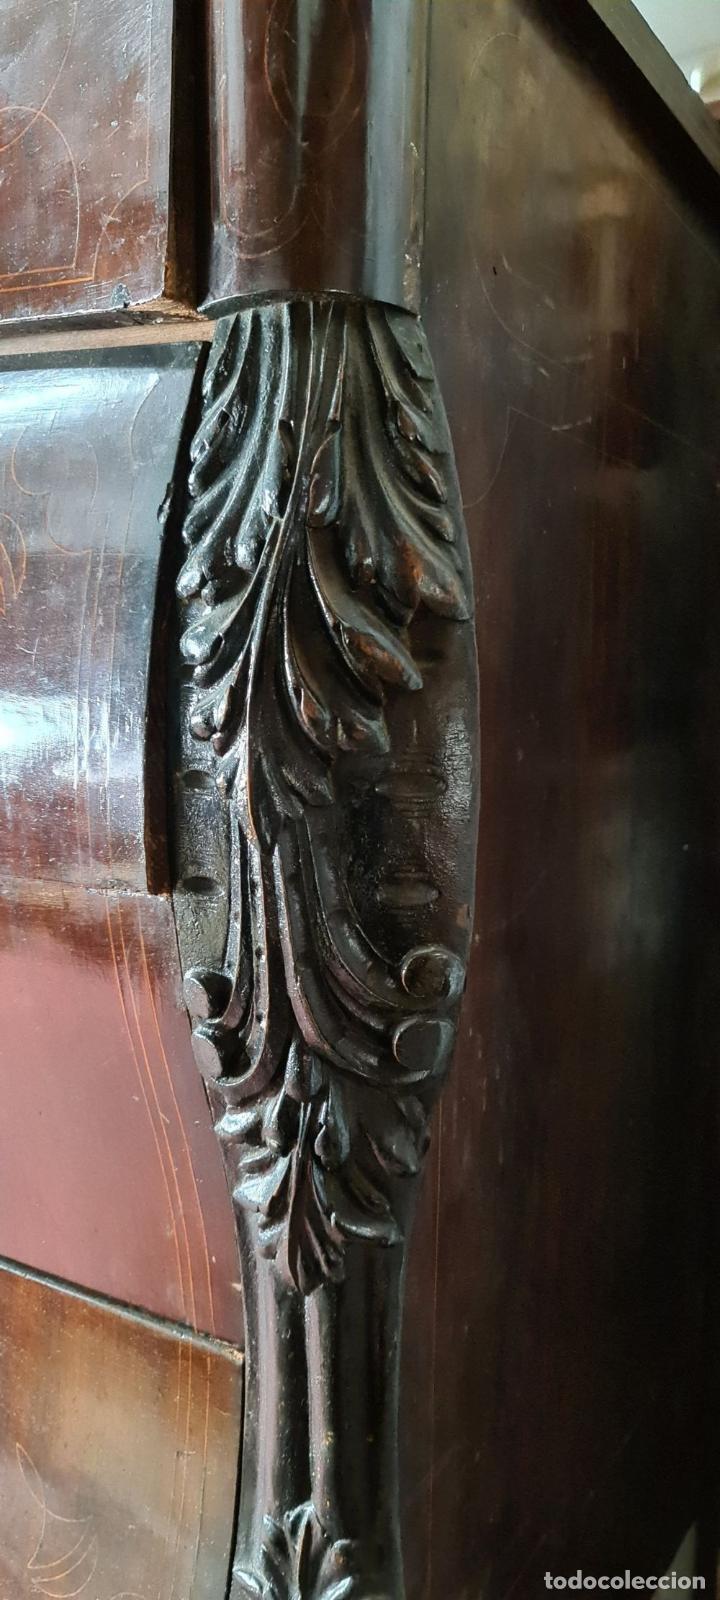 Antigüedades: COMODA EN MADERA DE PALISANDRO. ESTILO ISABELINO. MARQUETERIA DE BOJ. SIGLO XIX. - Foto 3 - 242040395